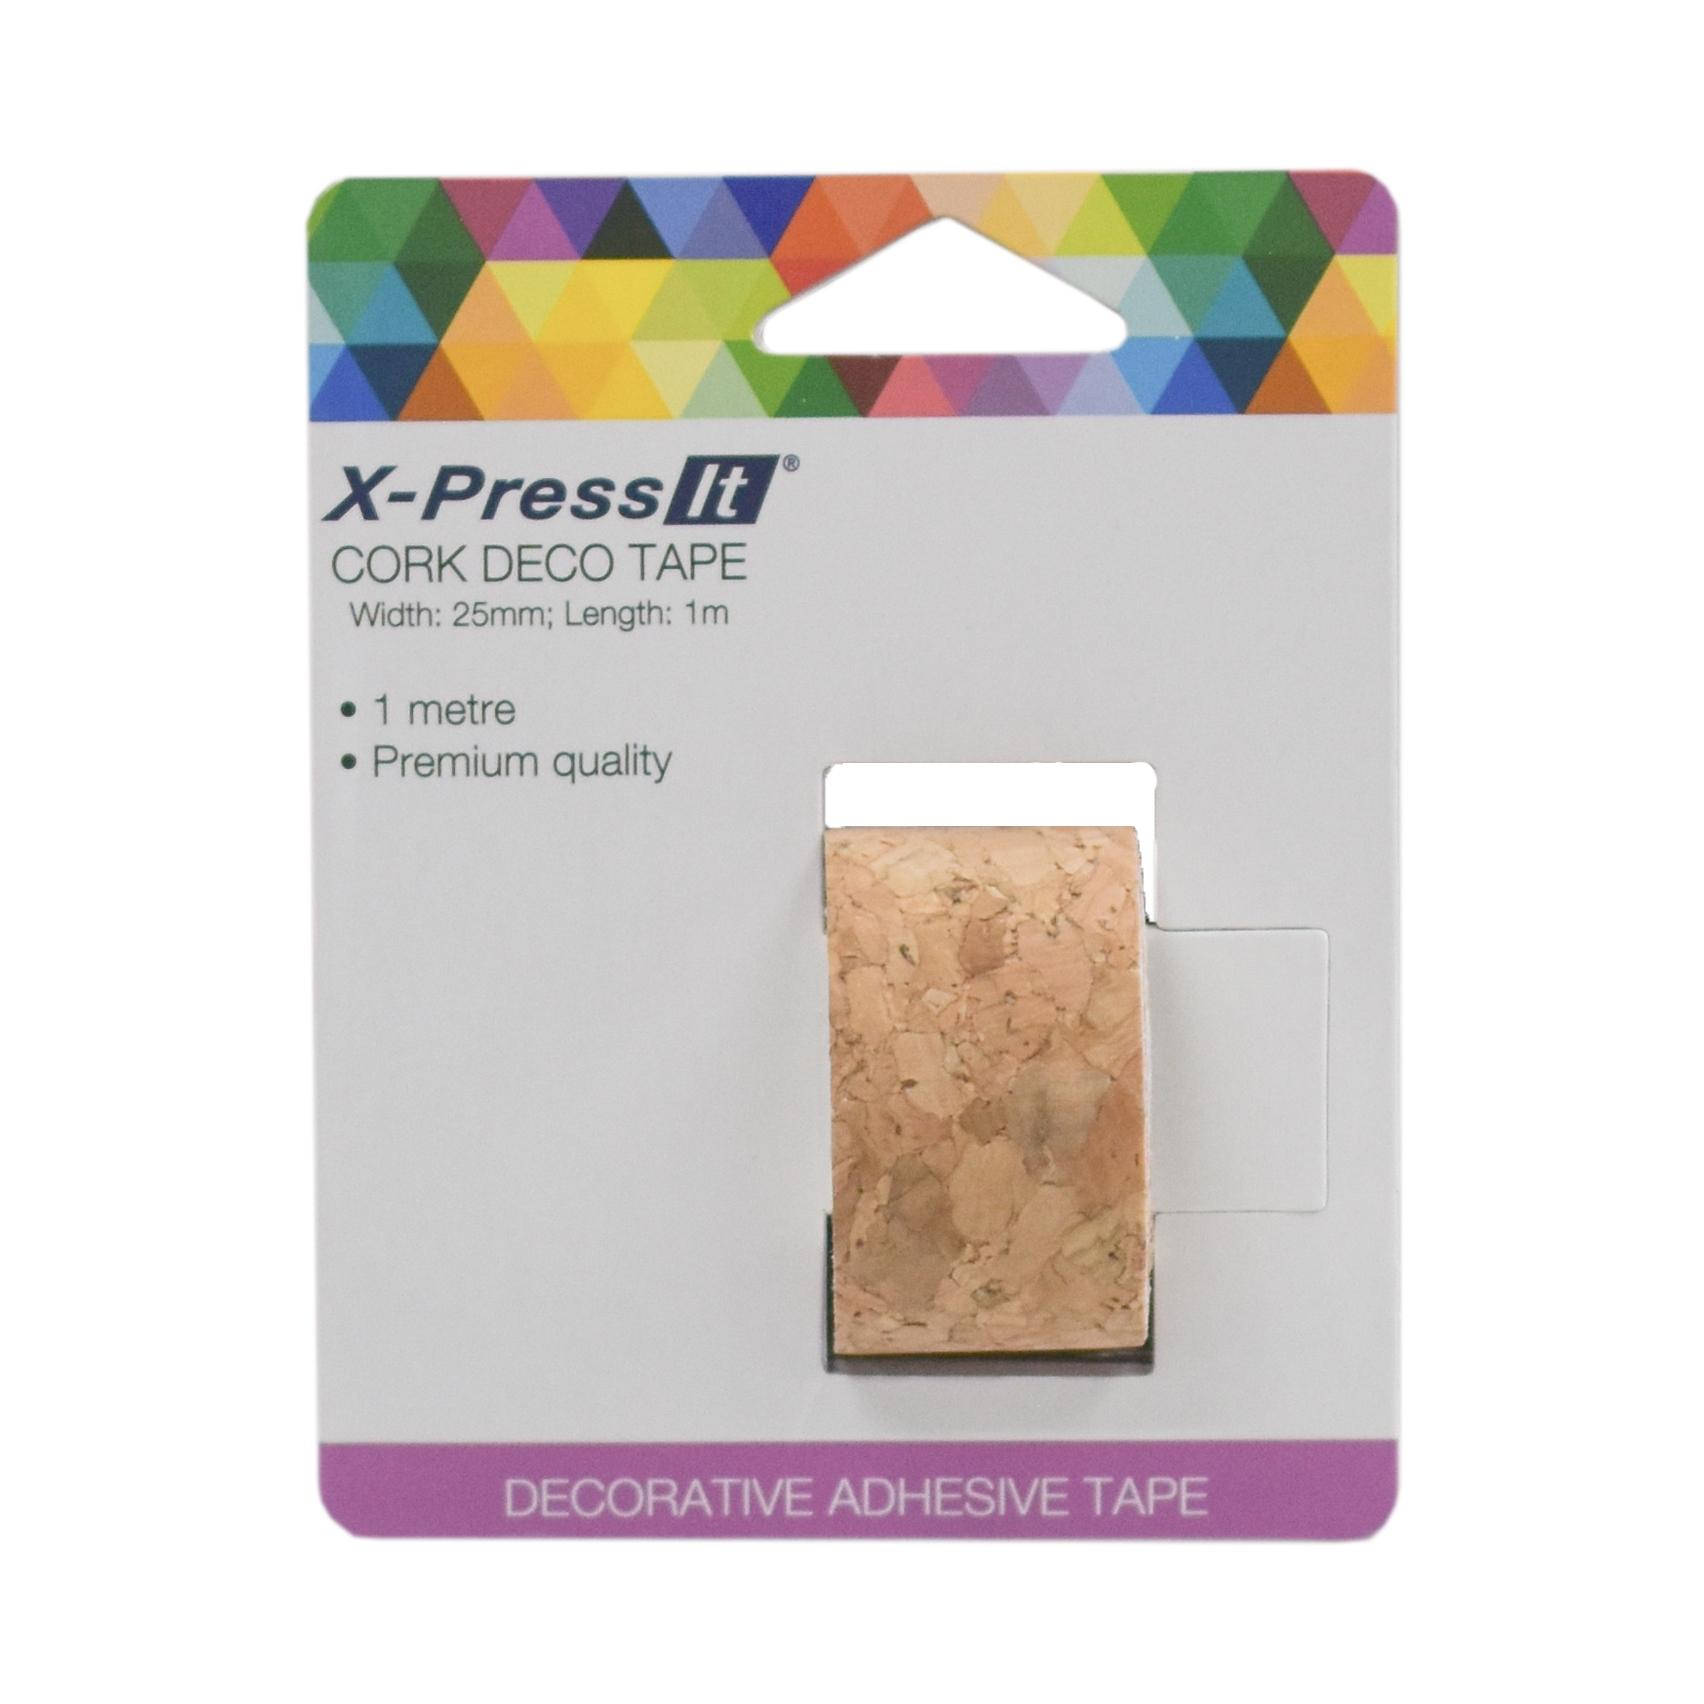 0033304_x-press-it-cork-deco-tape-25mm-x-1m